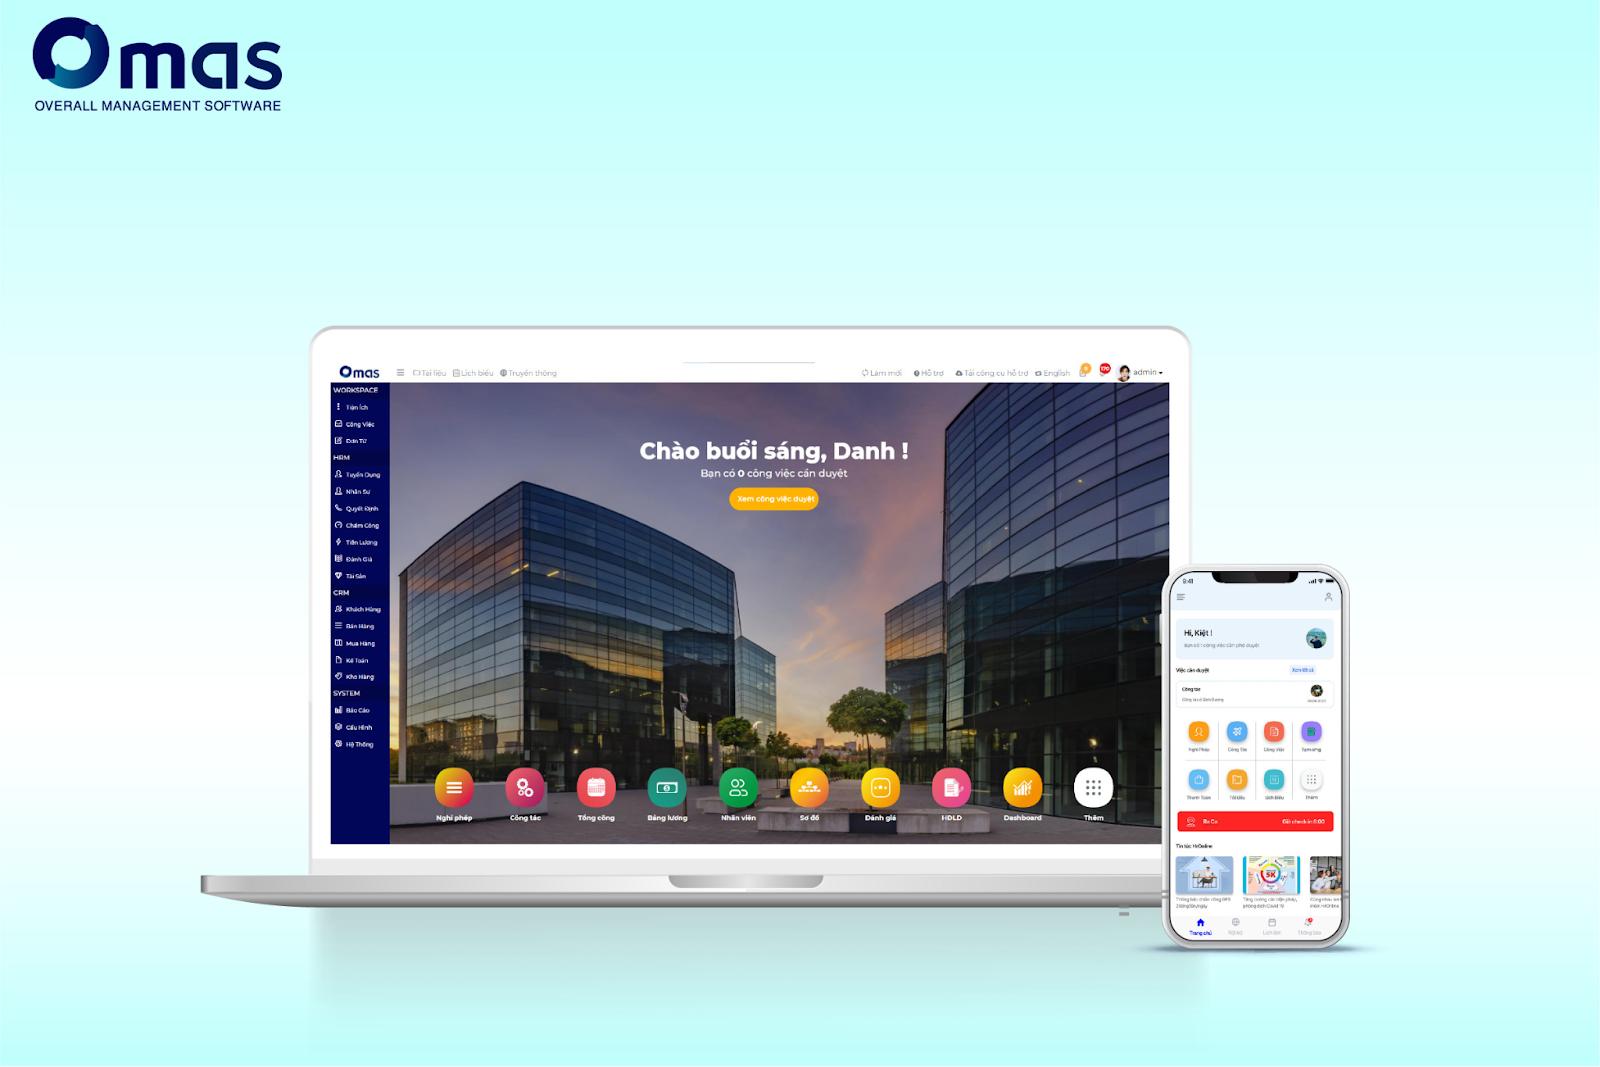 Omas - sản phẩm của công ty Giải pháp phần mềm công nghệ SoftOne